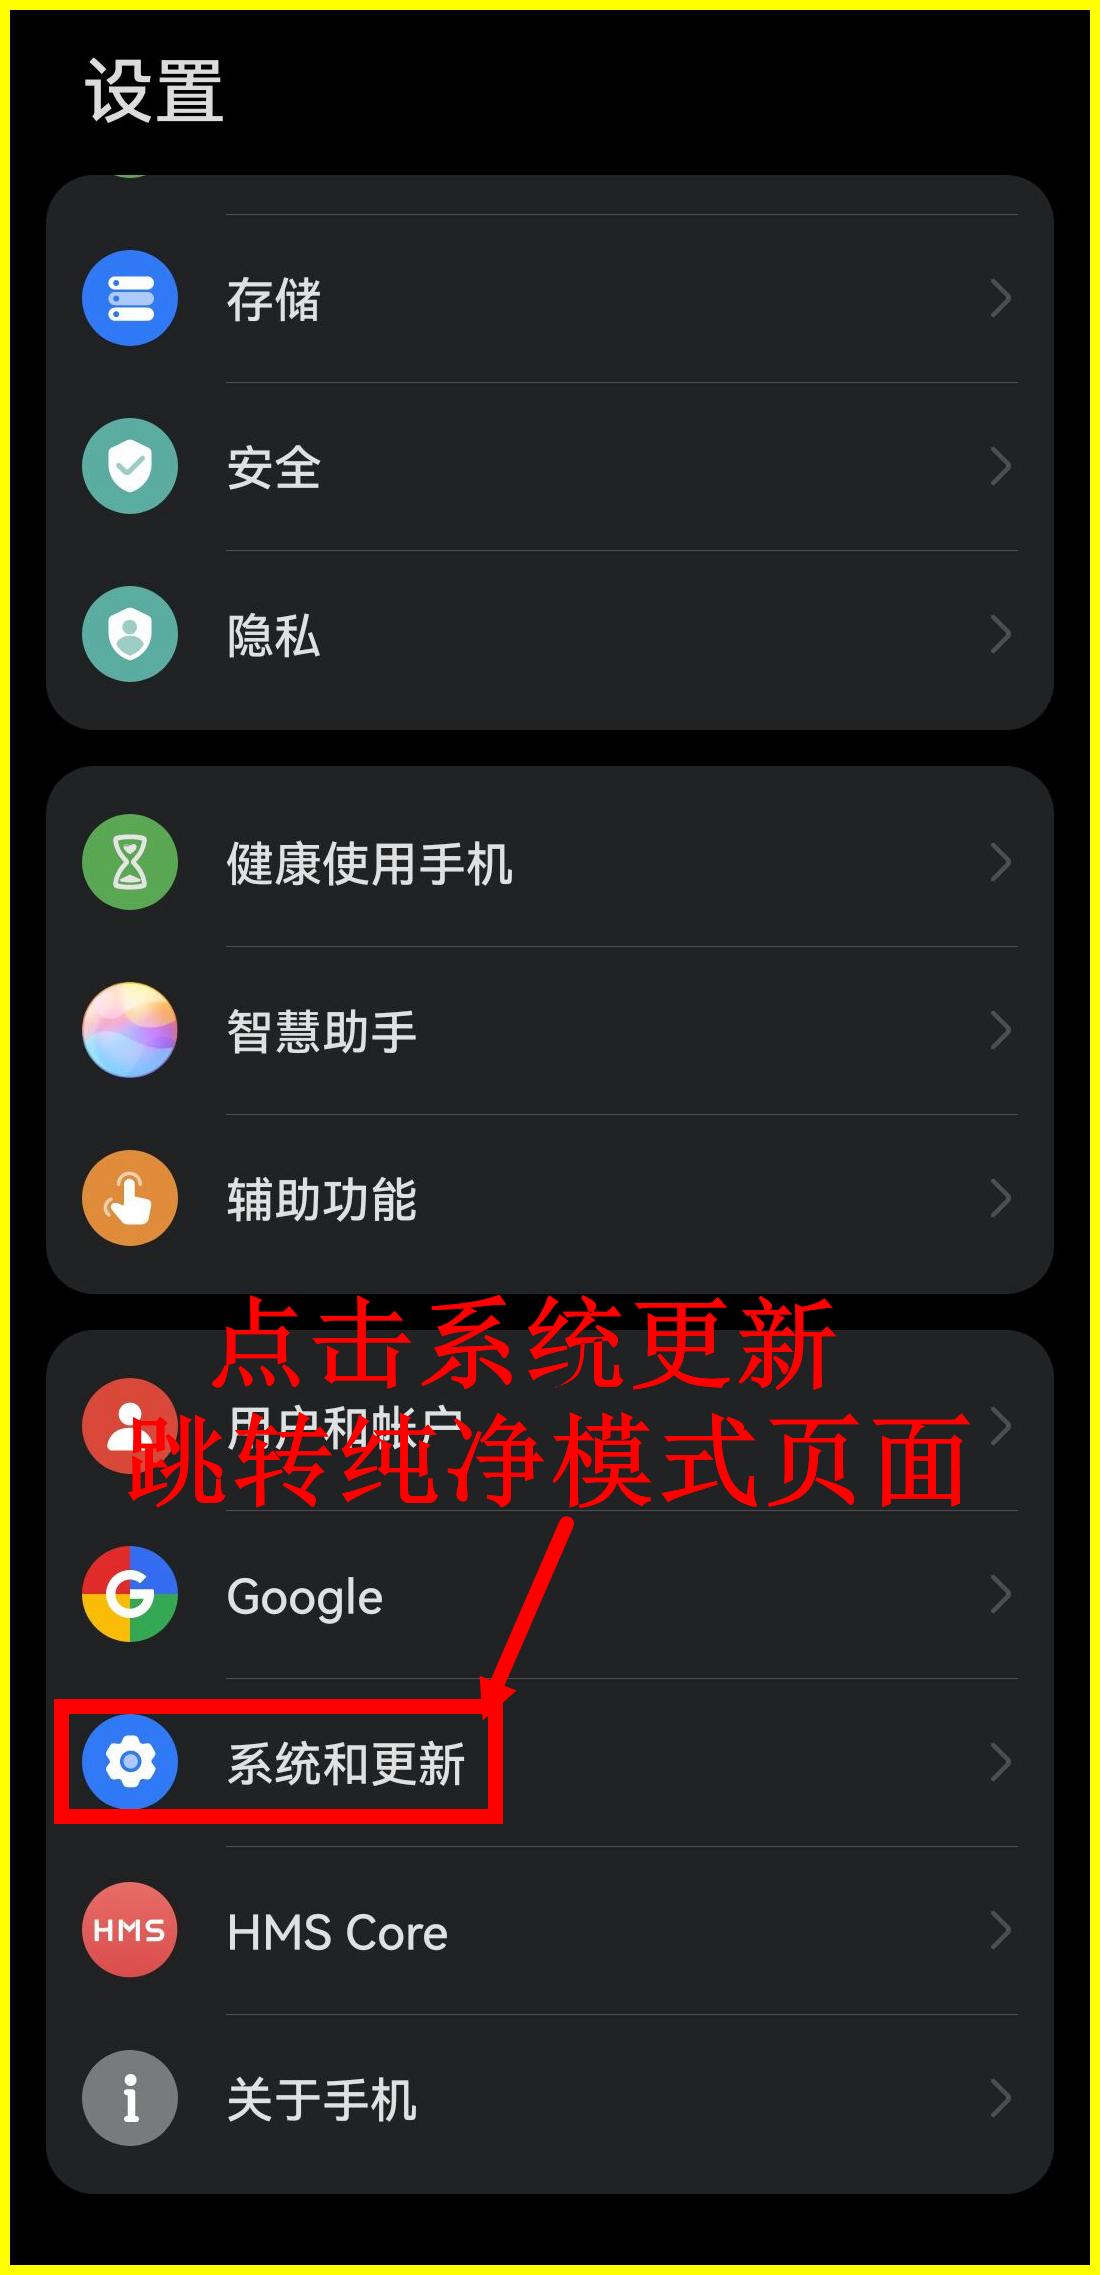 【华为鸿蒙系统】如何关闭纯净模式教程!